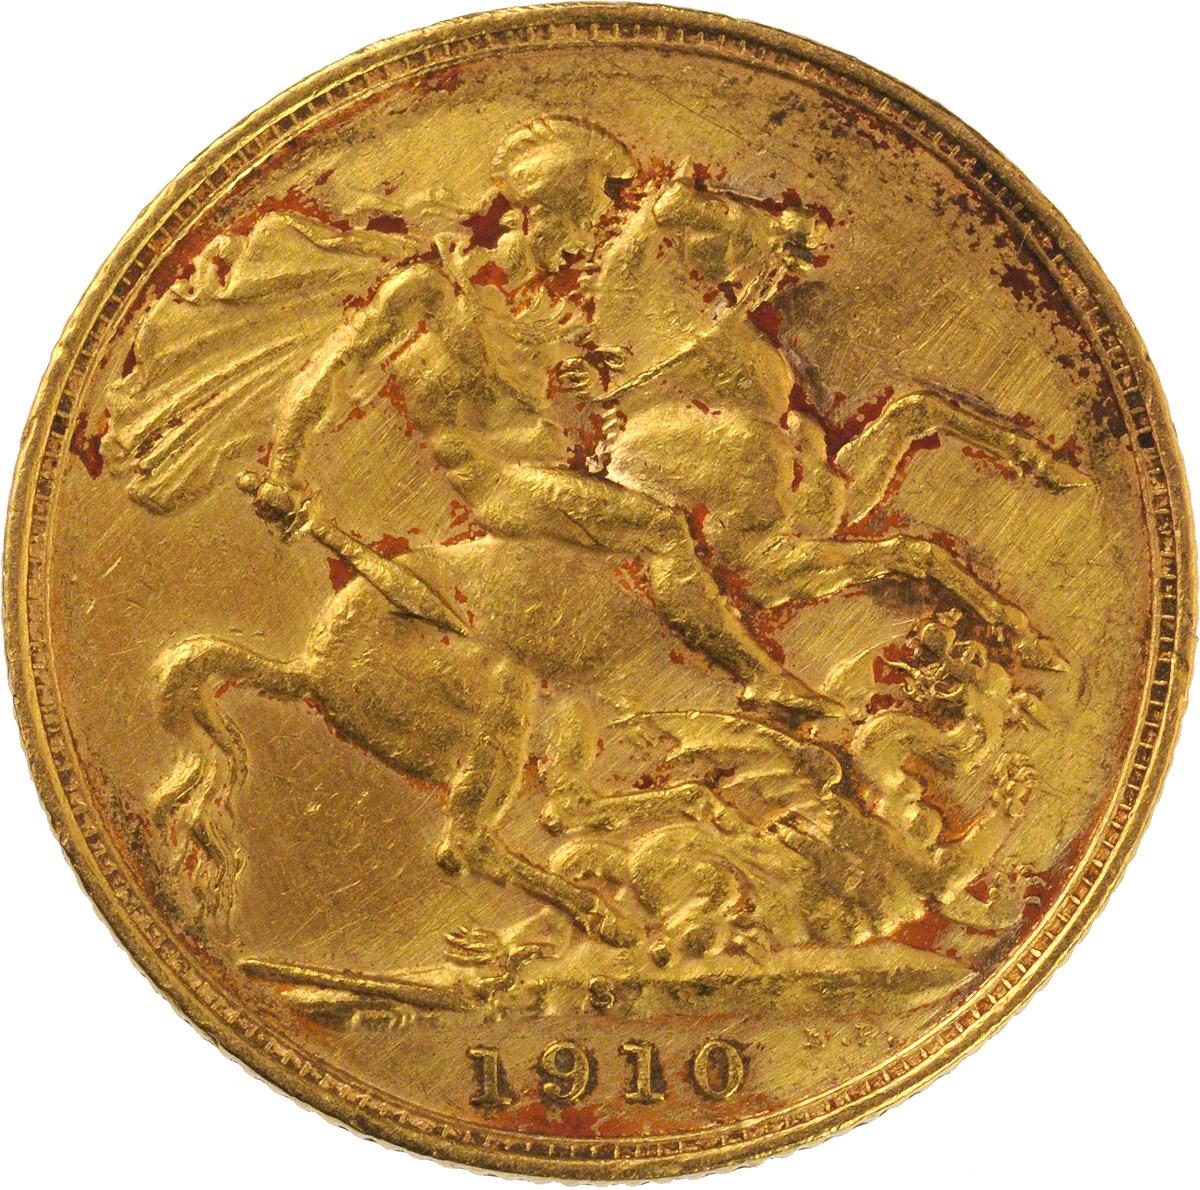 1910 Εδουάρδος Ζ' (Νομισματοκοπείο Σίδνεϊ)